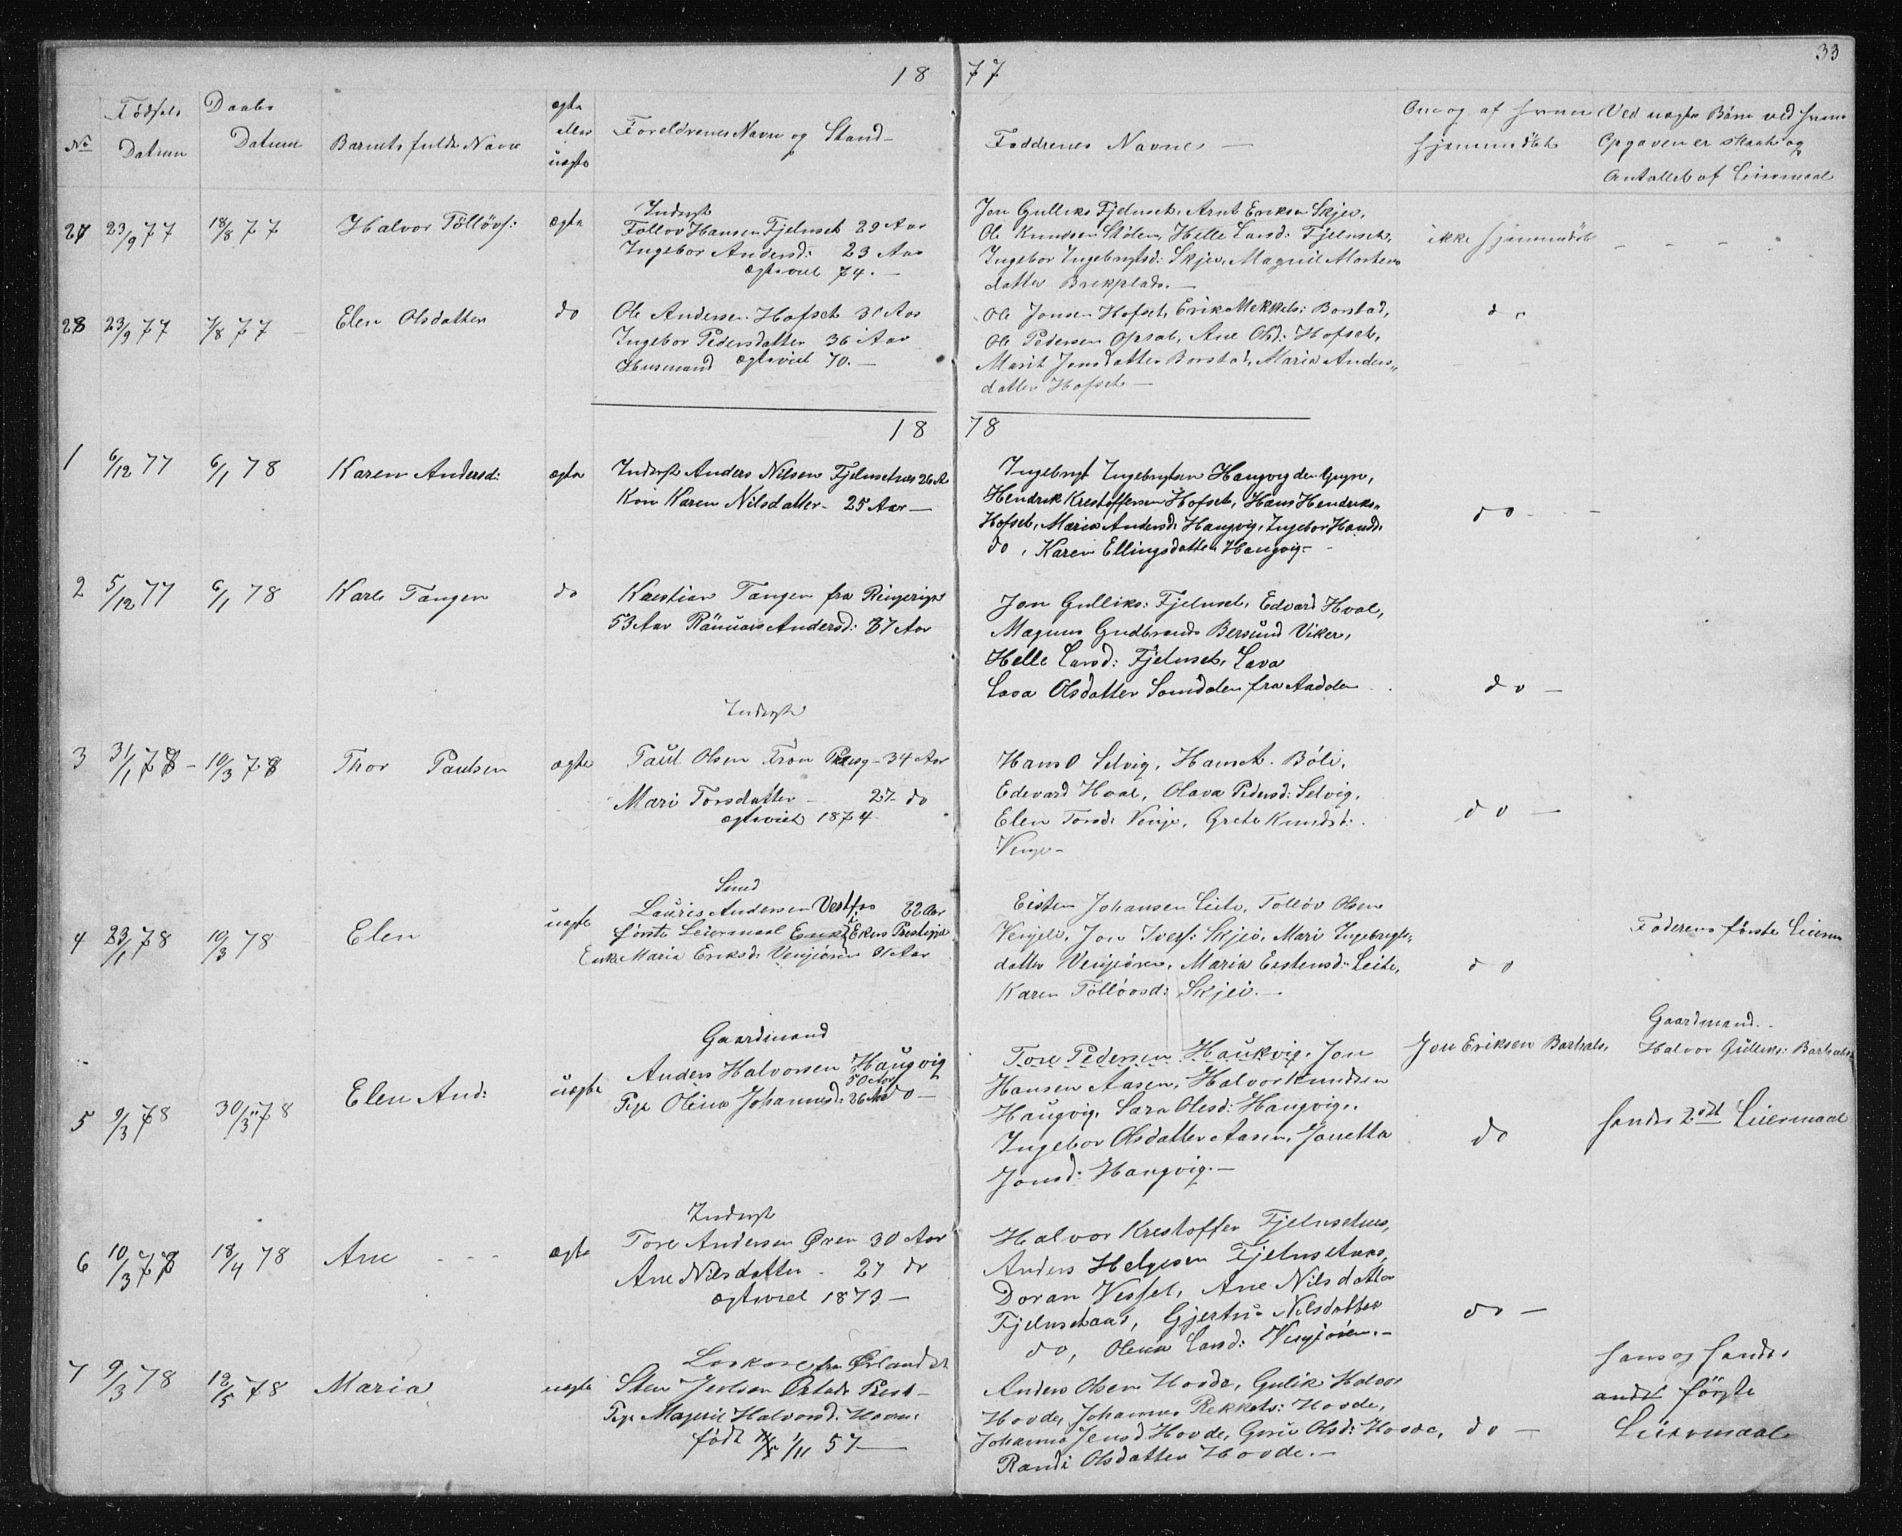 SAT, Ministerialprotokoller, klokkerbøker og fødselsregistre - Sør-Trøndelag, 631/L0513: Klokkerbok nr. 631C01, 1869-1879, s. 33